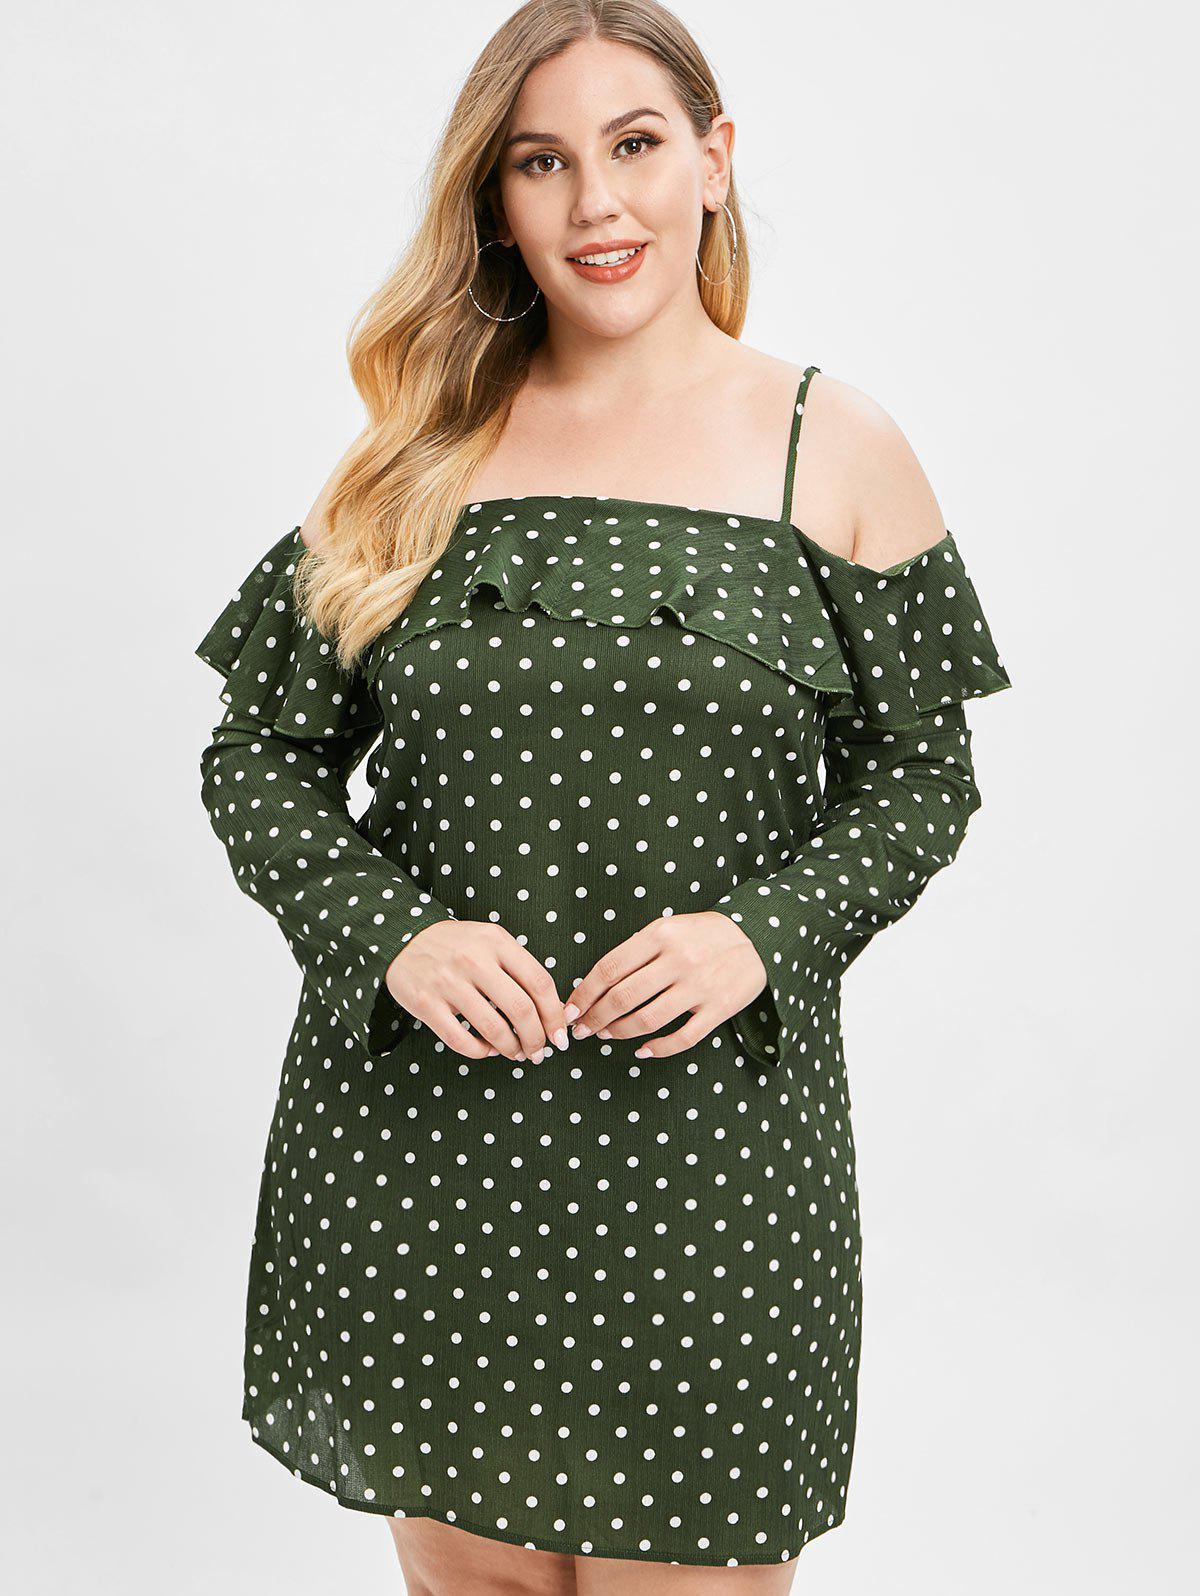 ZAFUL Polka Dot Plus Size Ruffled Dress, Dark forest green